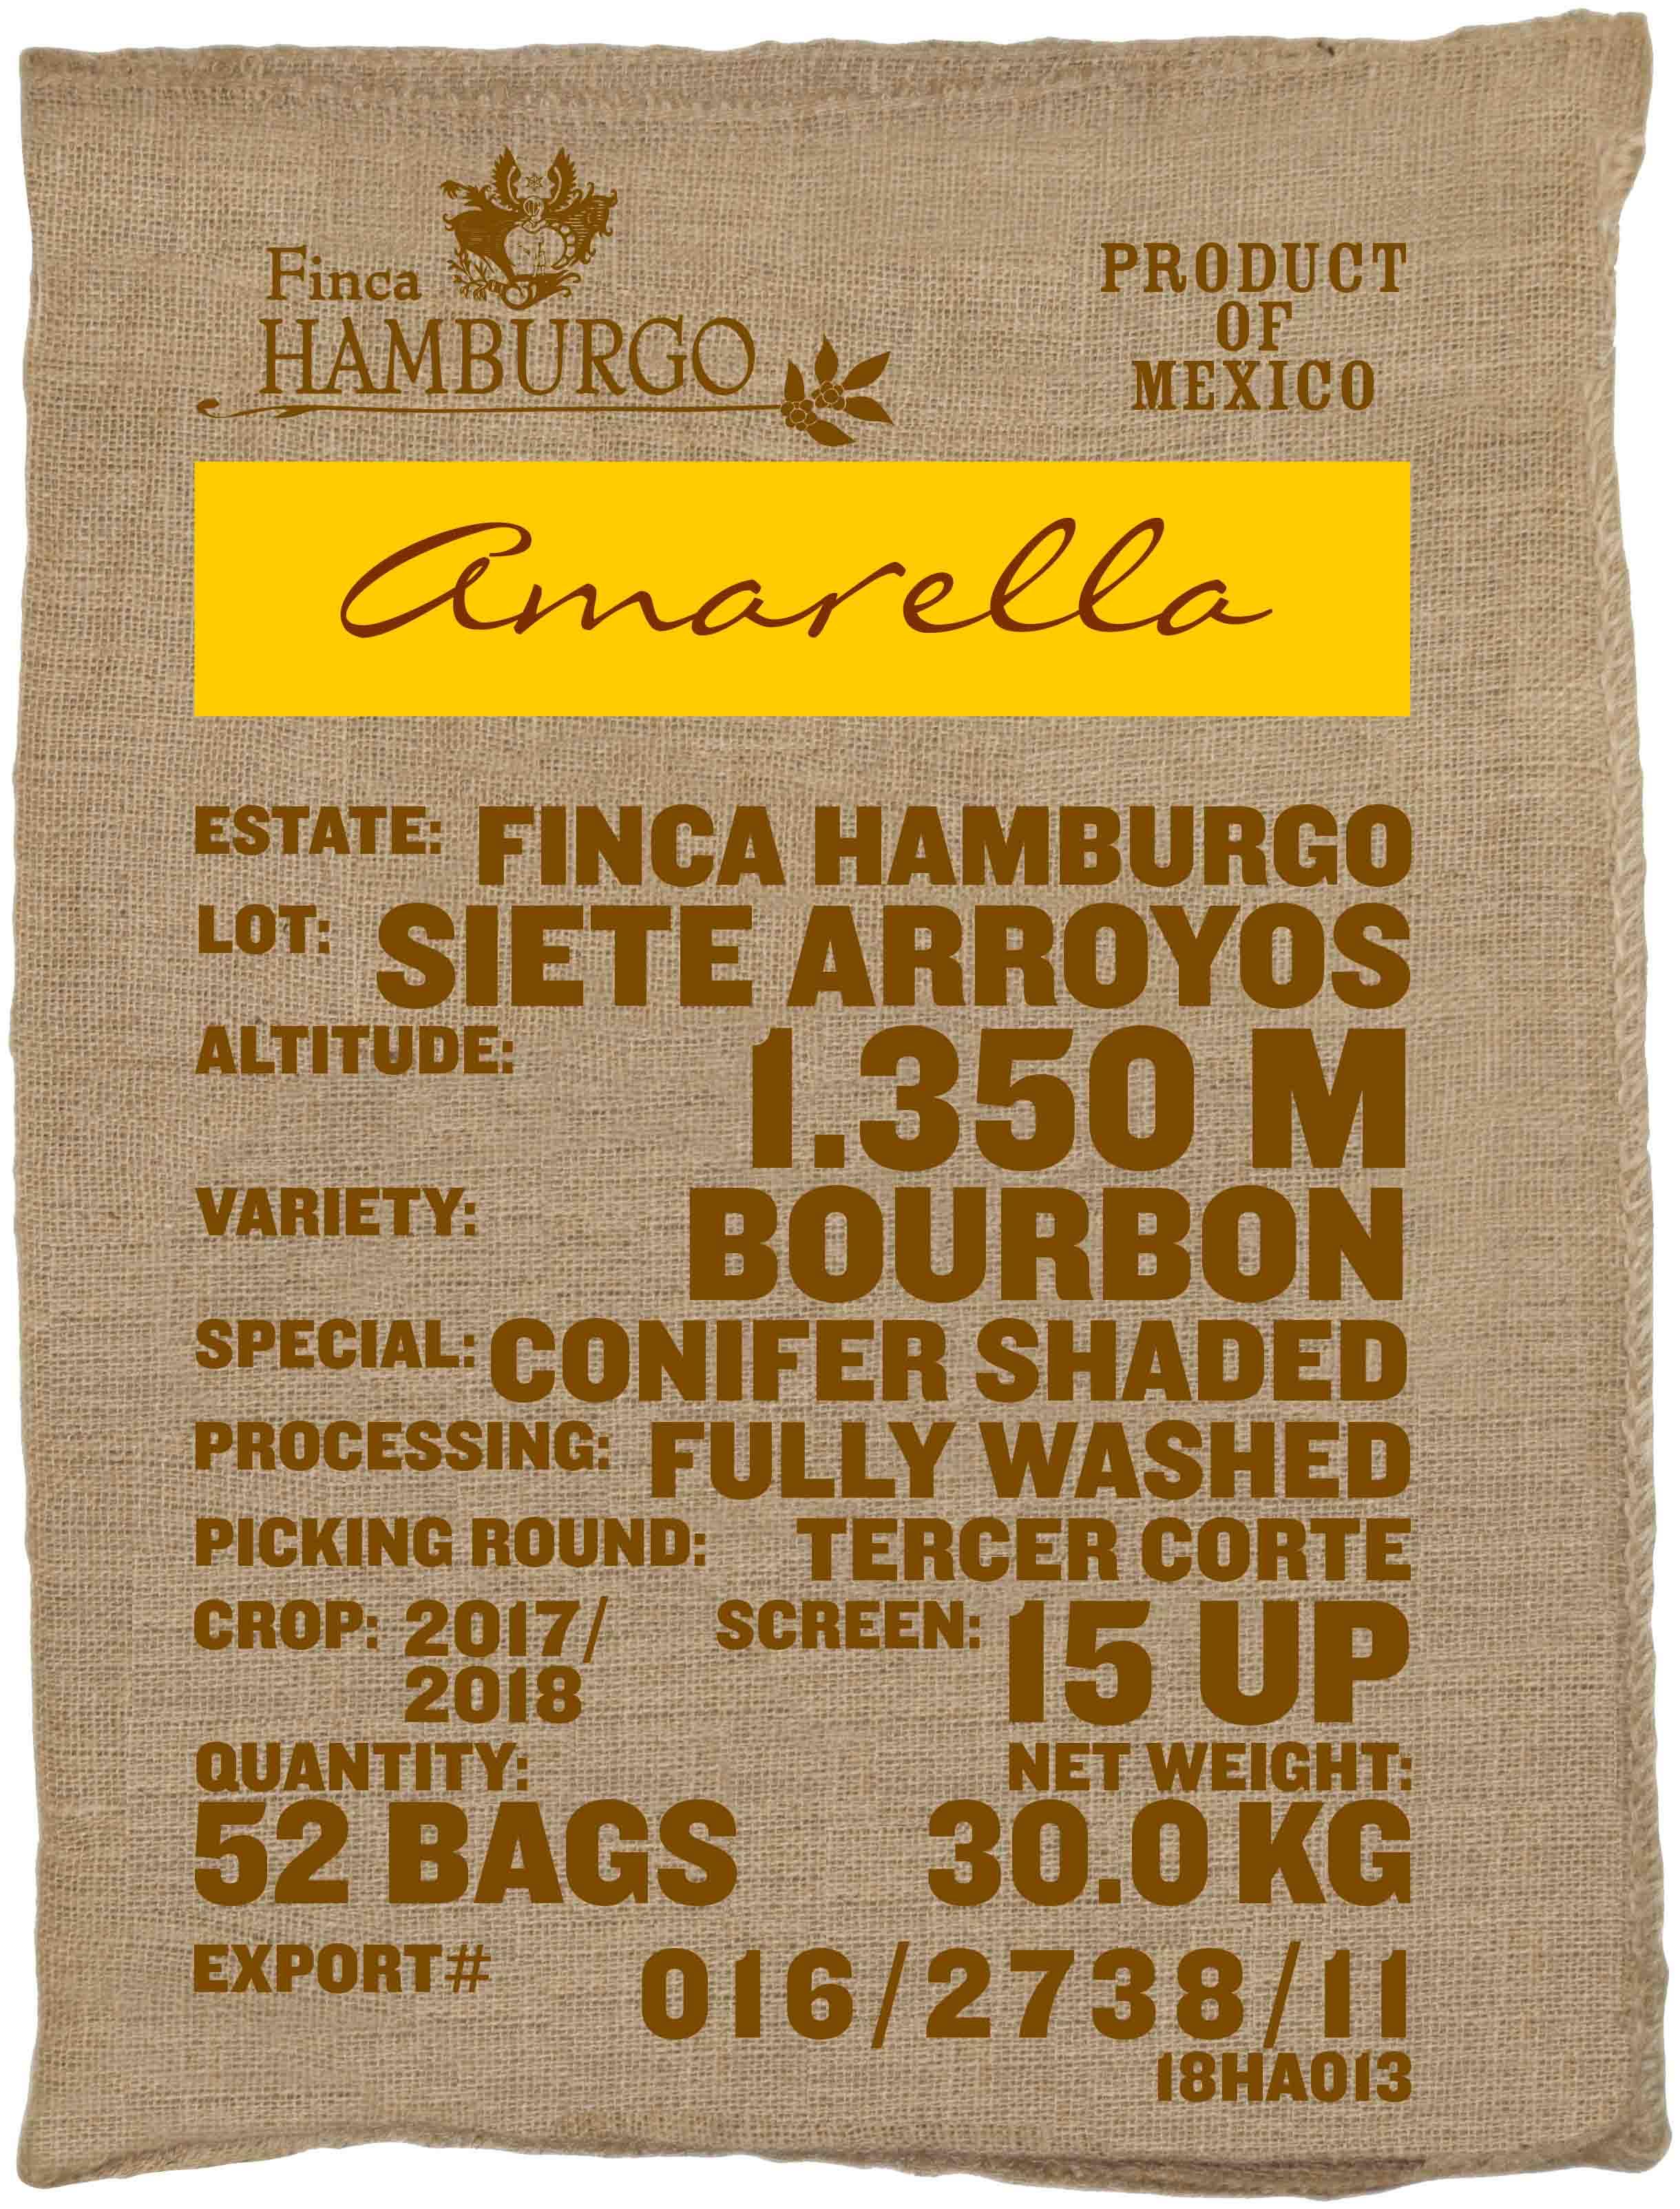 Ein Rohkaffeesack amarella Parzellenkaffee Varietät Bourbon. Finca Hamburgo Lot Siete Arroyos.